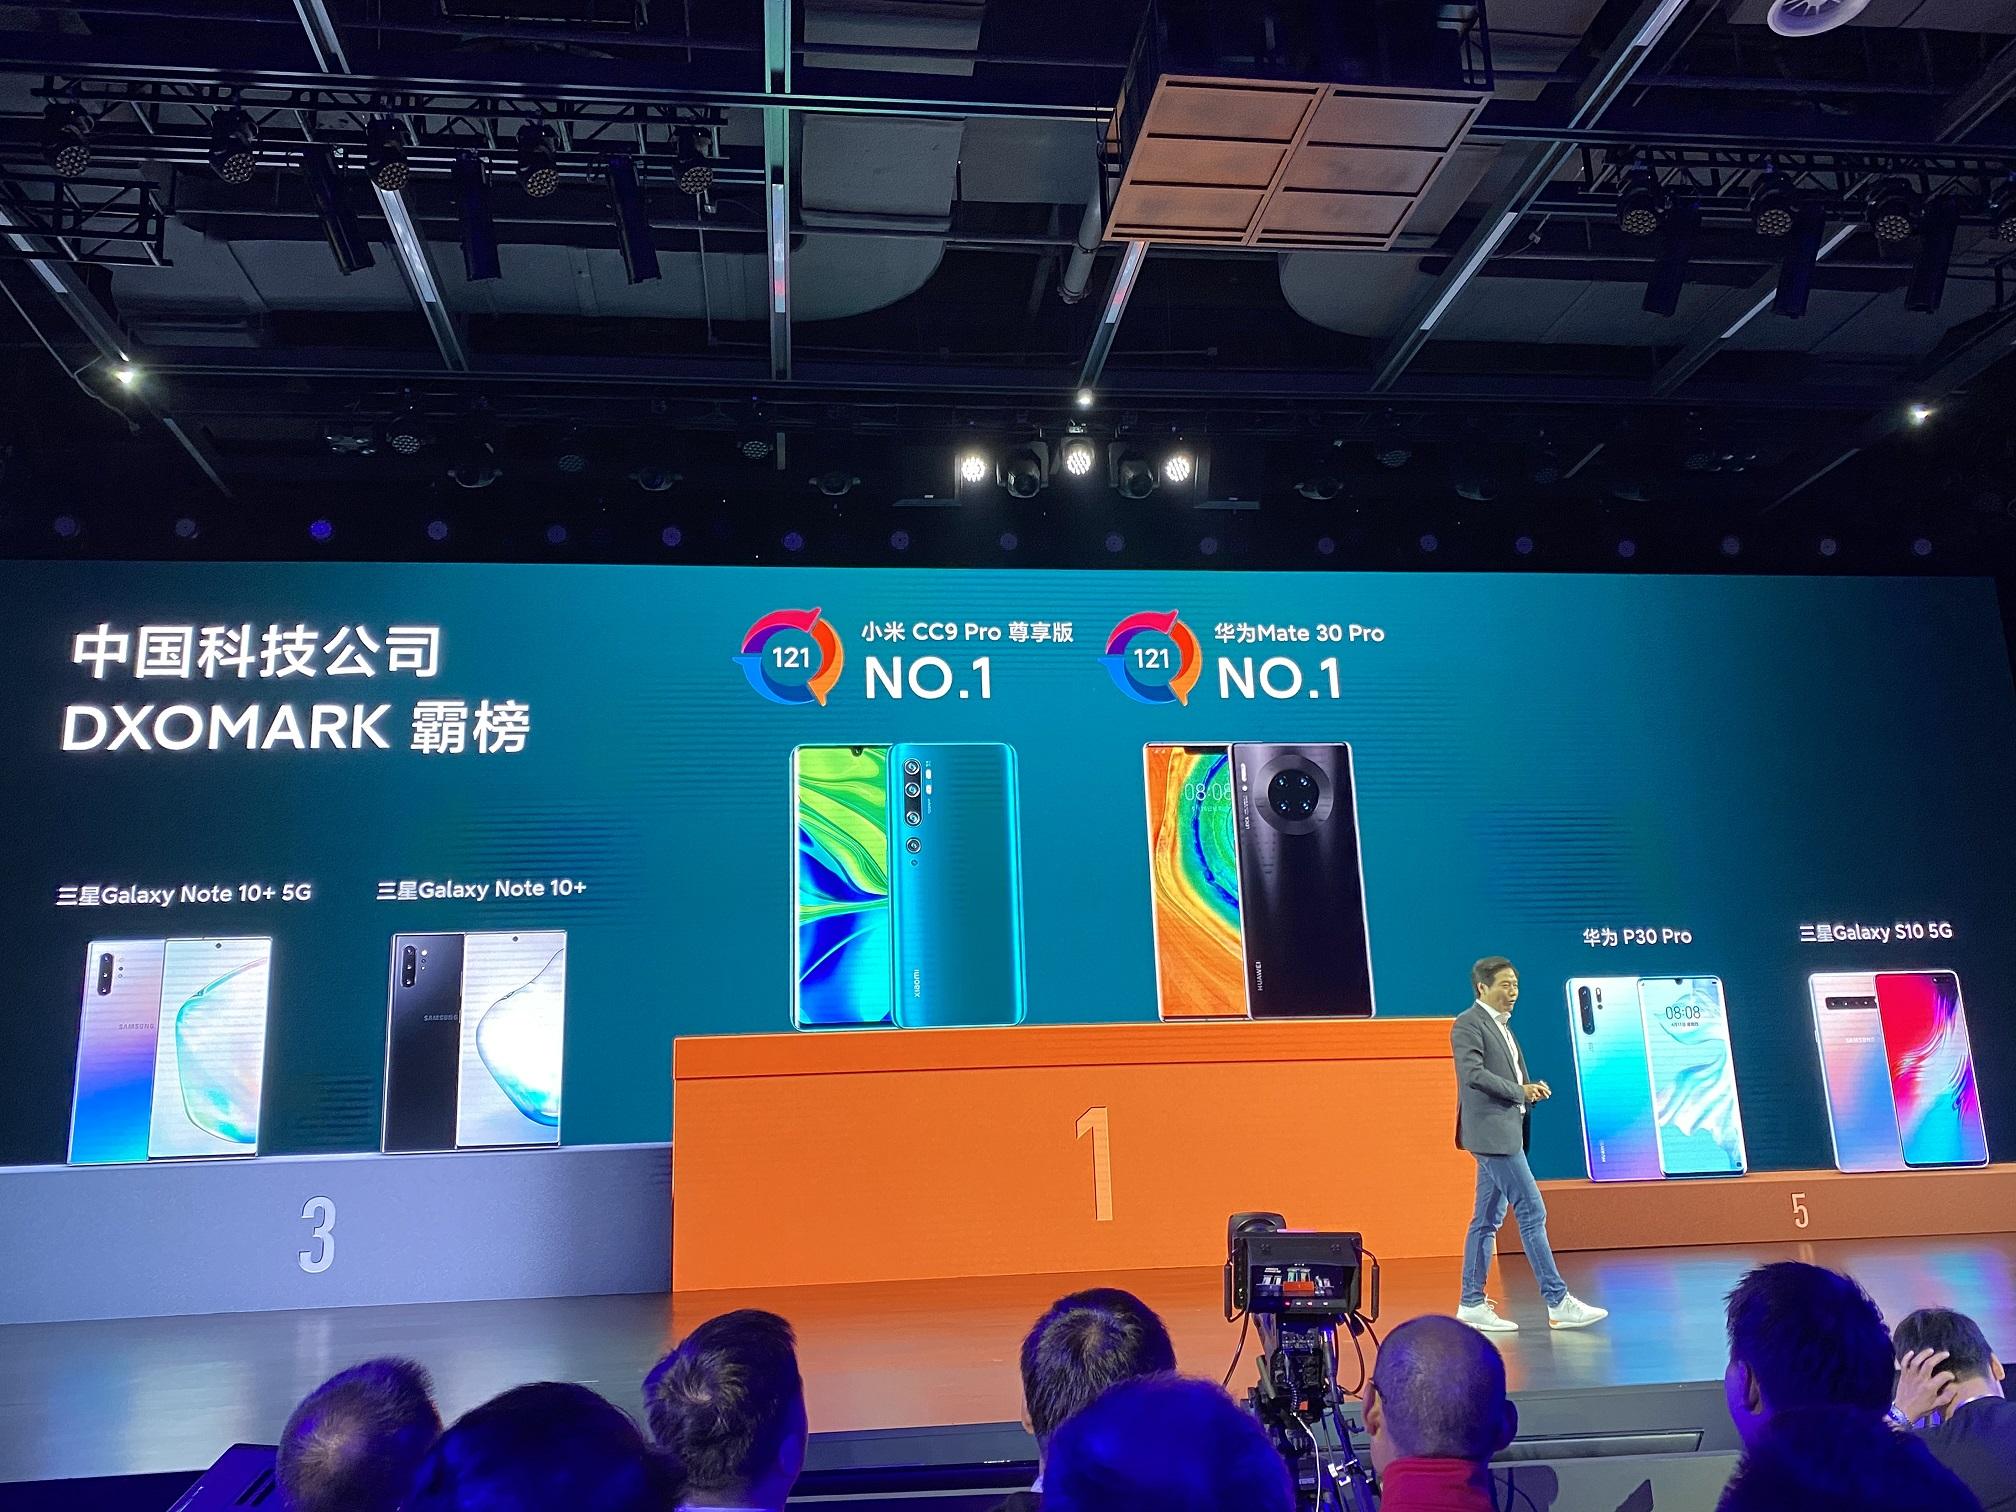 中国智能手机品牌引领全球手机拍照技术突破和发展潮...